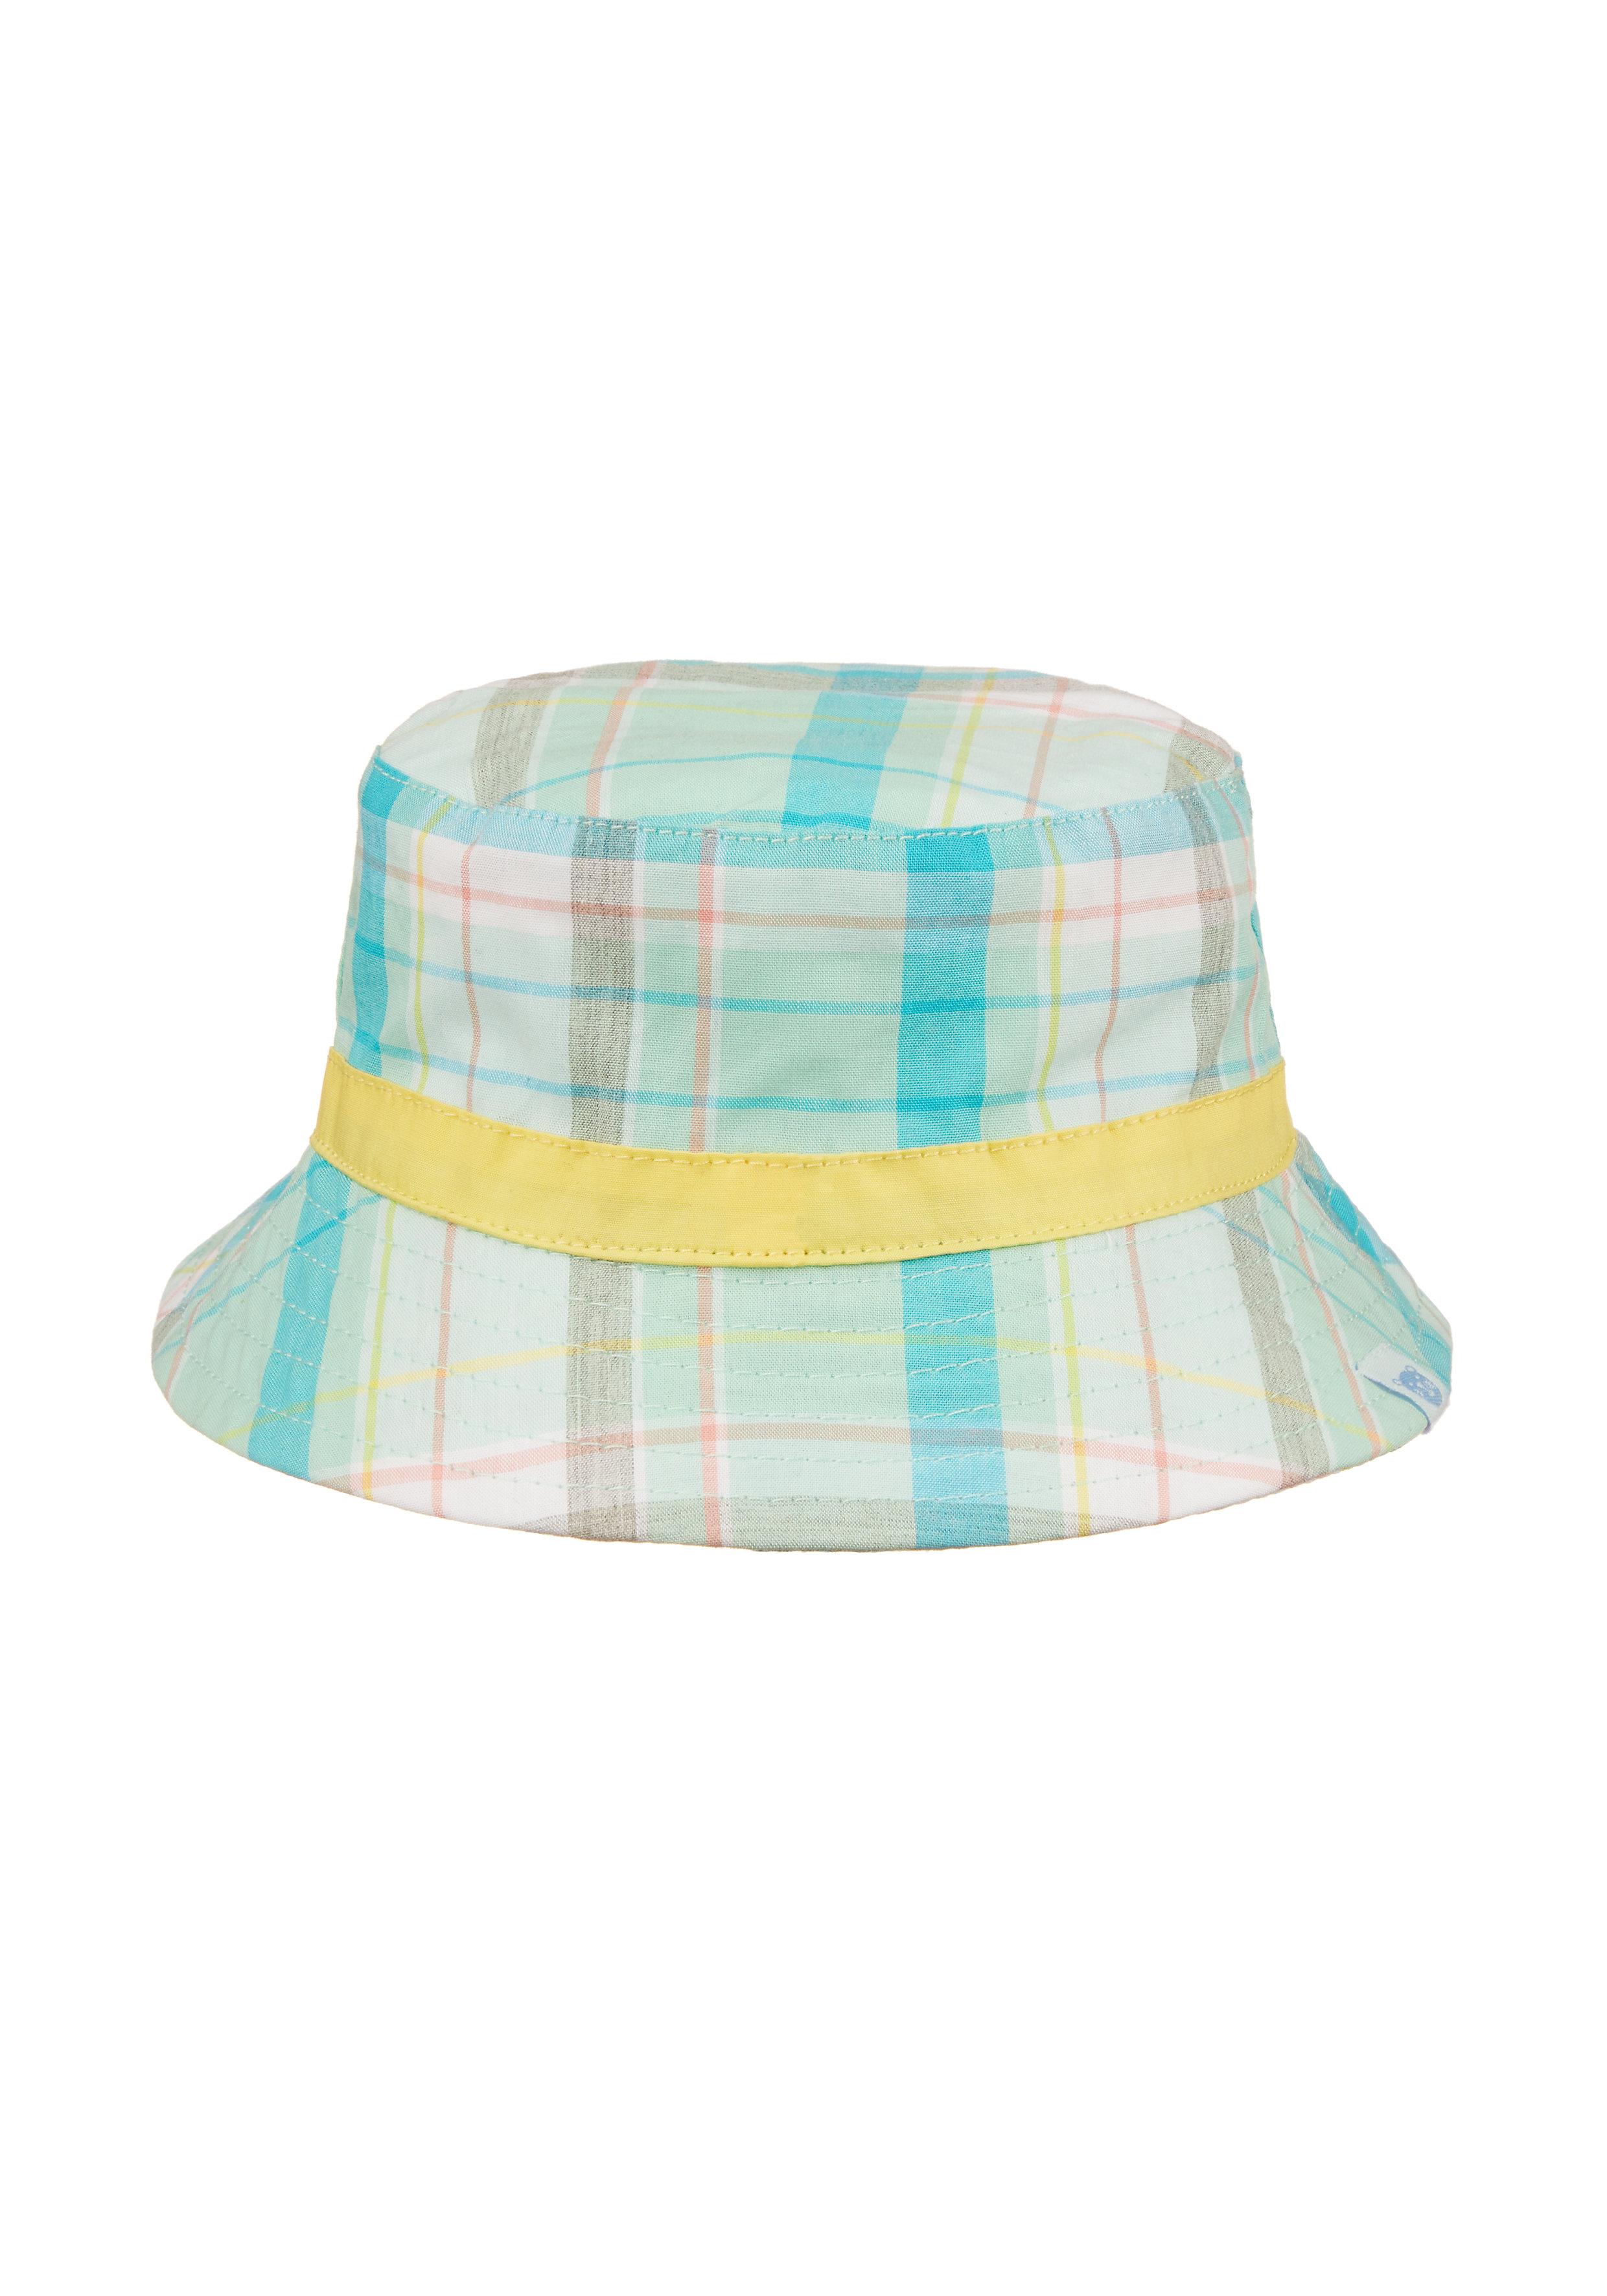 Mothercare | Boys Green Check Sun Hat - Green